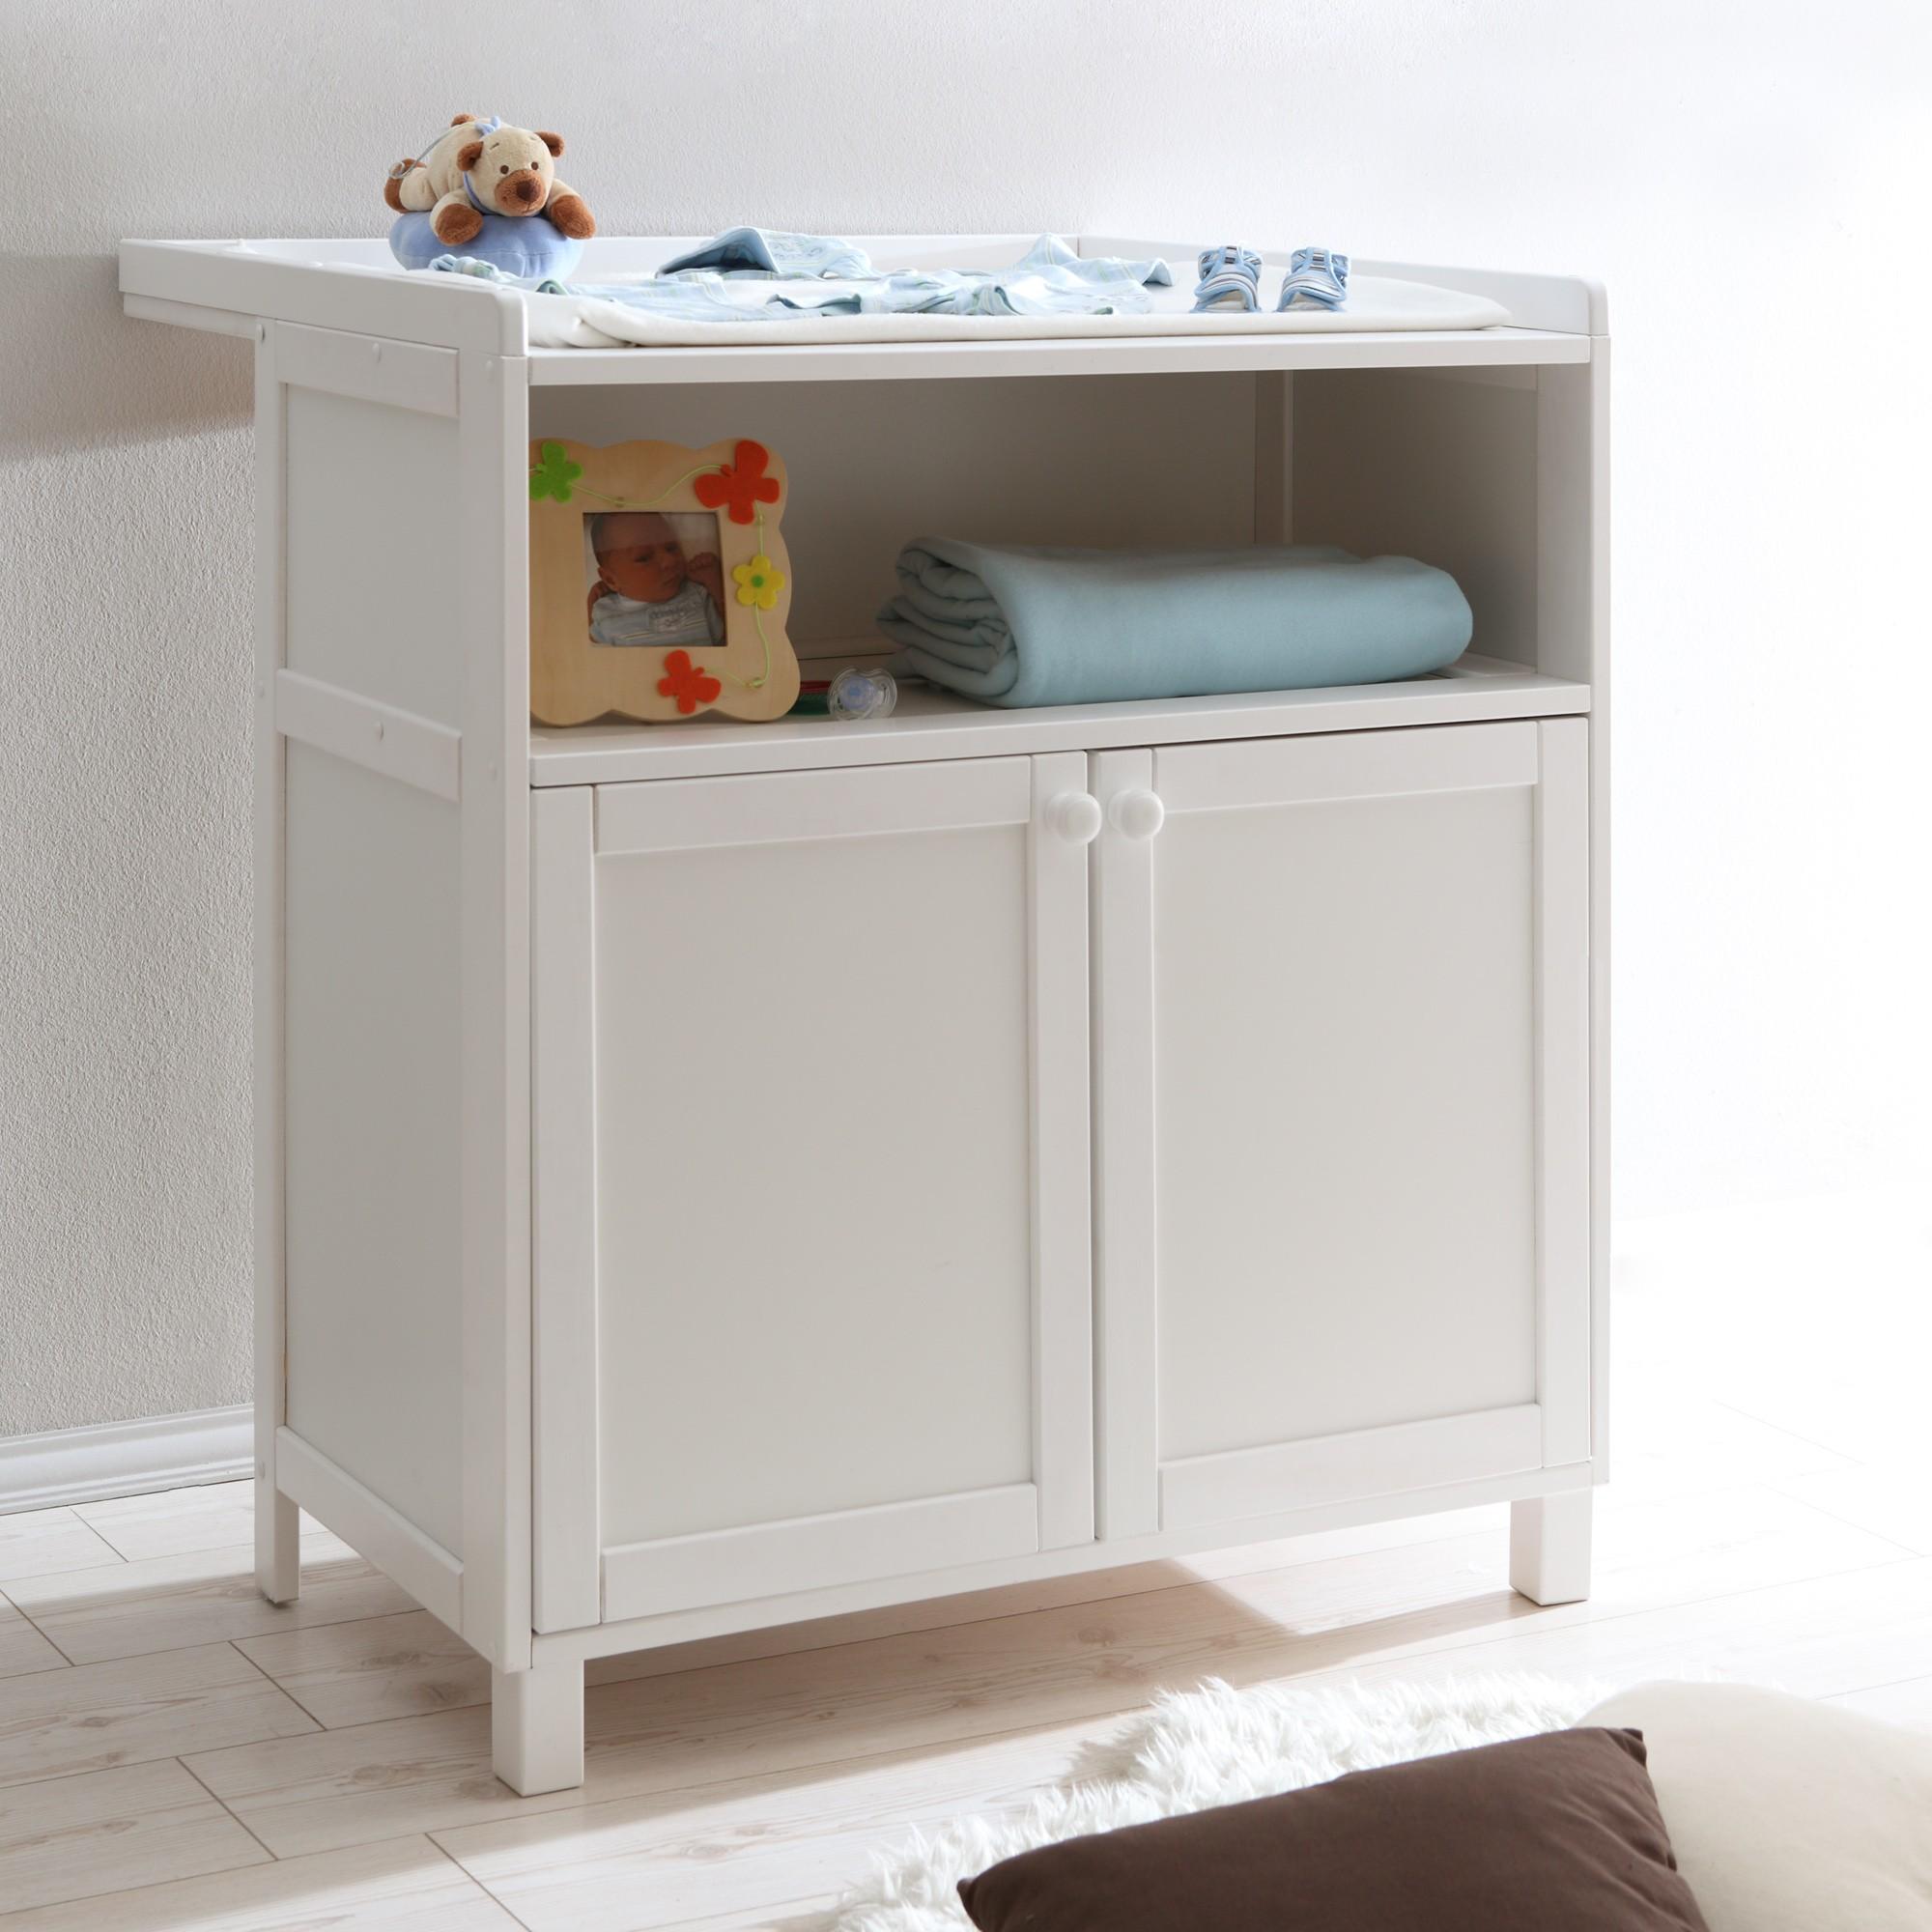 babyzimmer 2 teilig kiefer weiss h c m bel. Black Bedroom Furniture Sets. Home Design Ideas